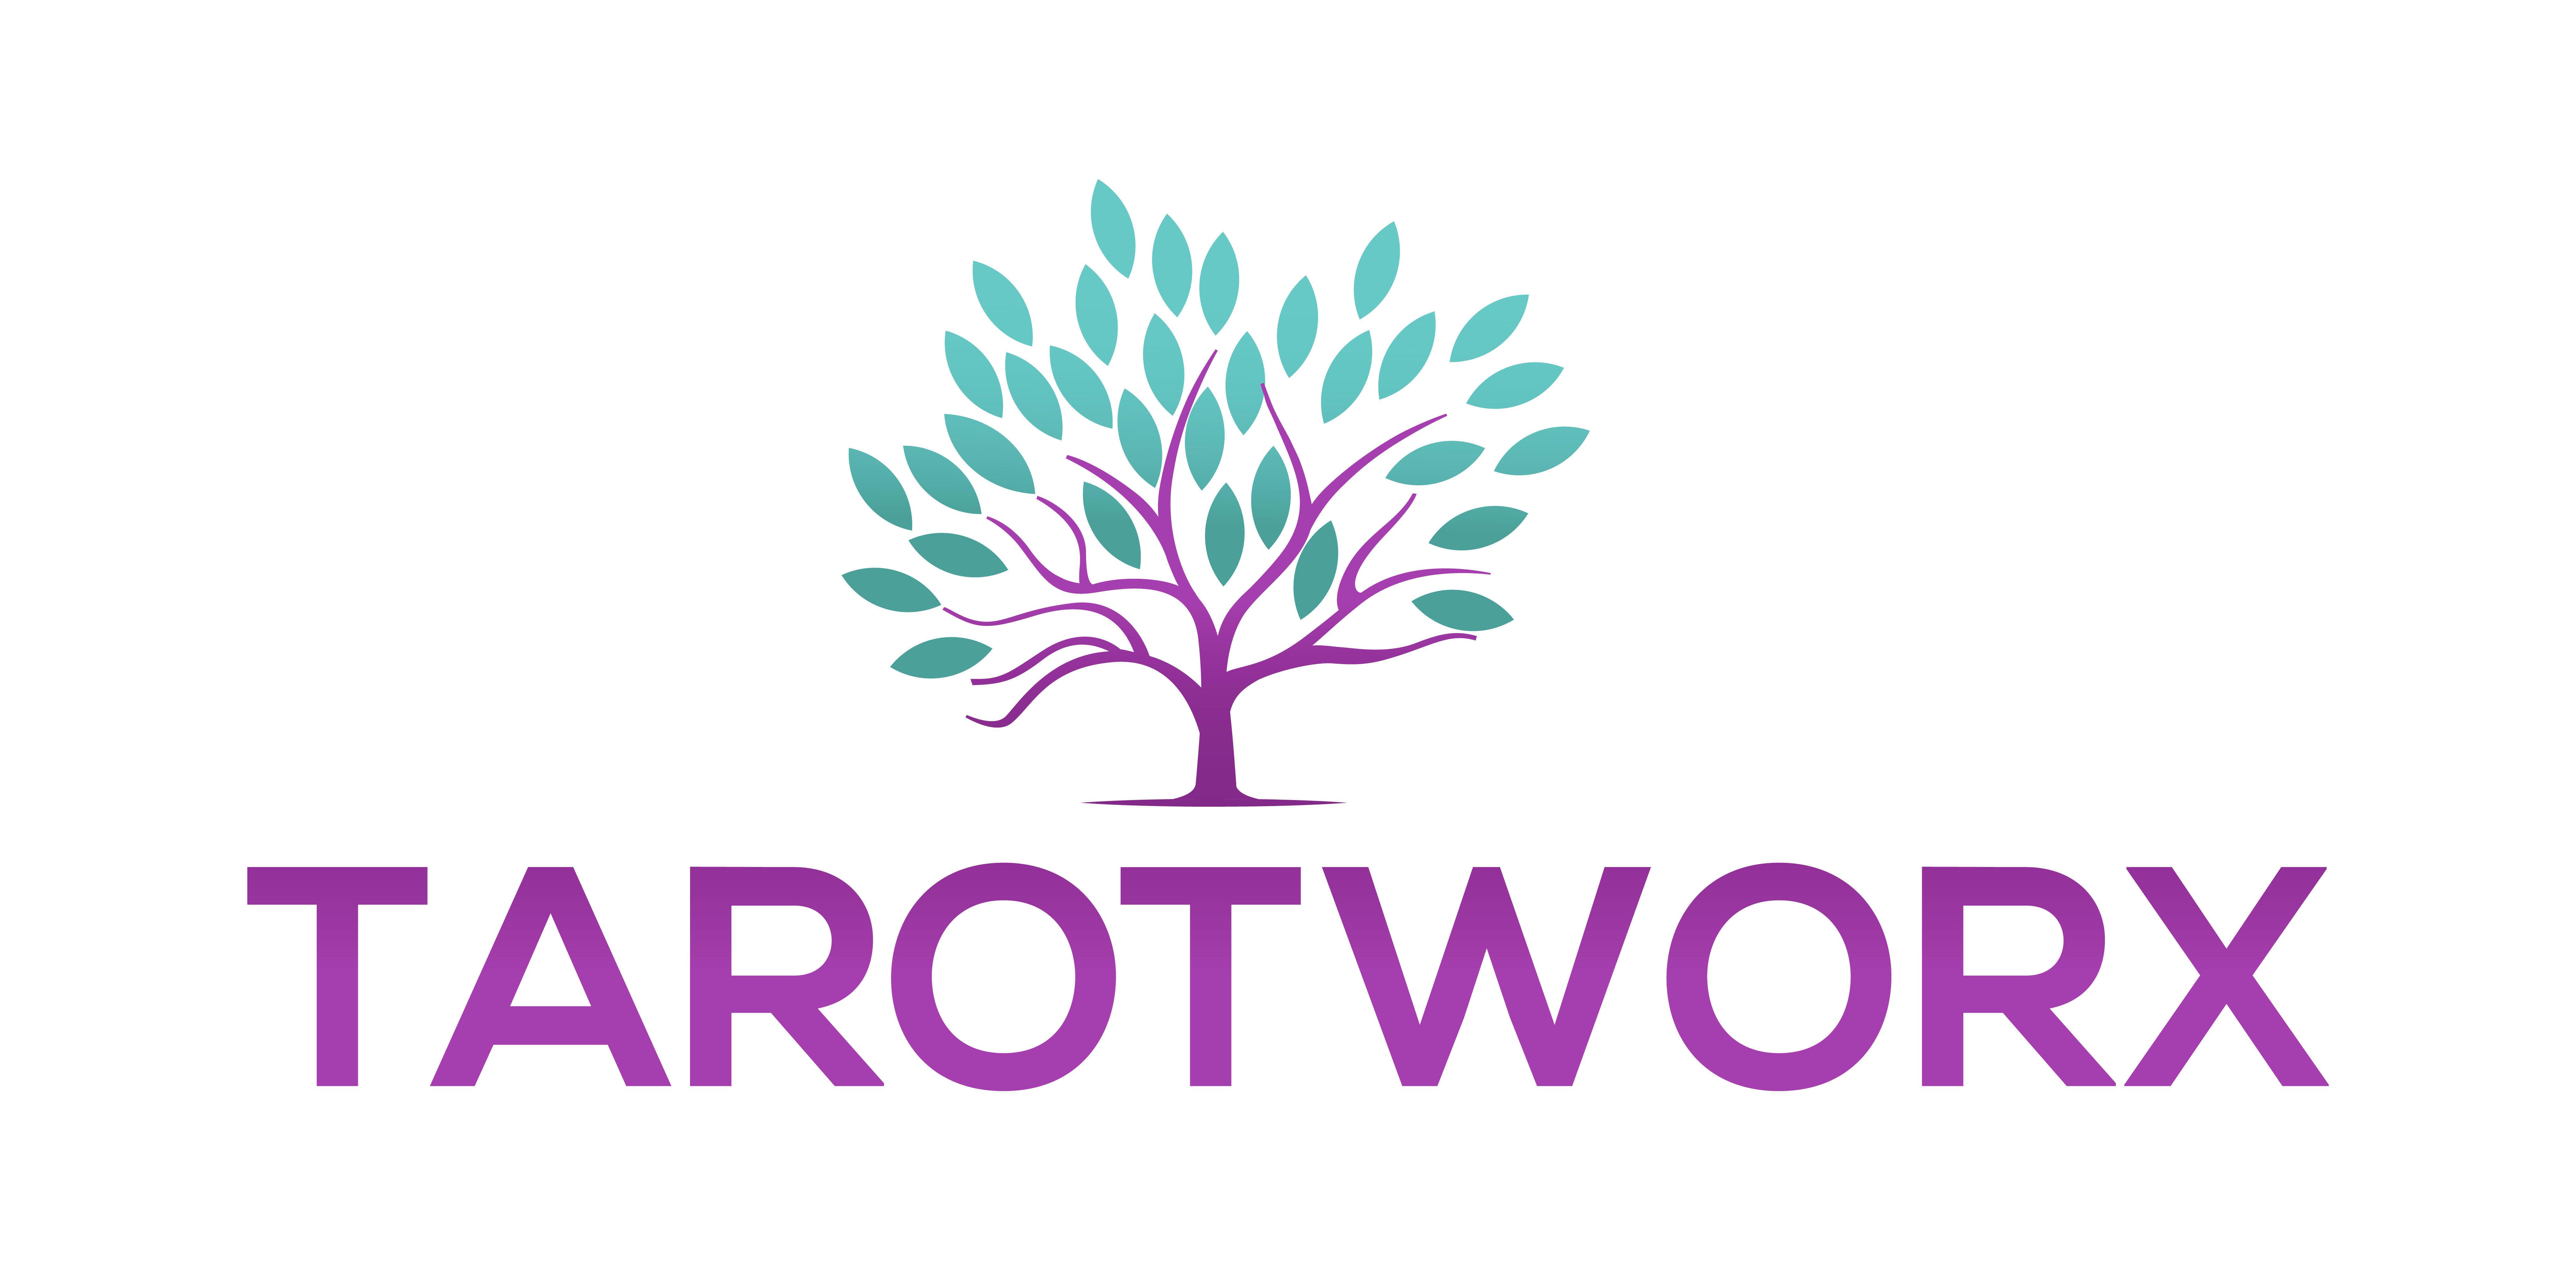 Tarotworx